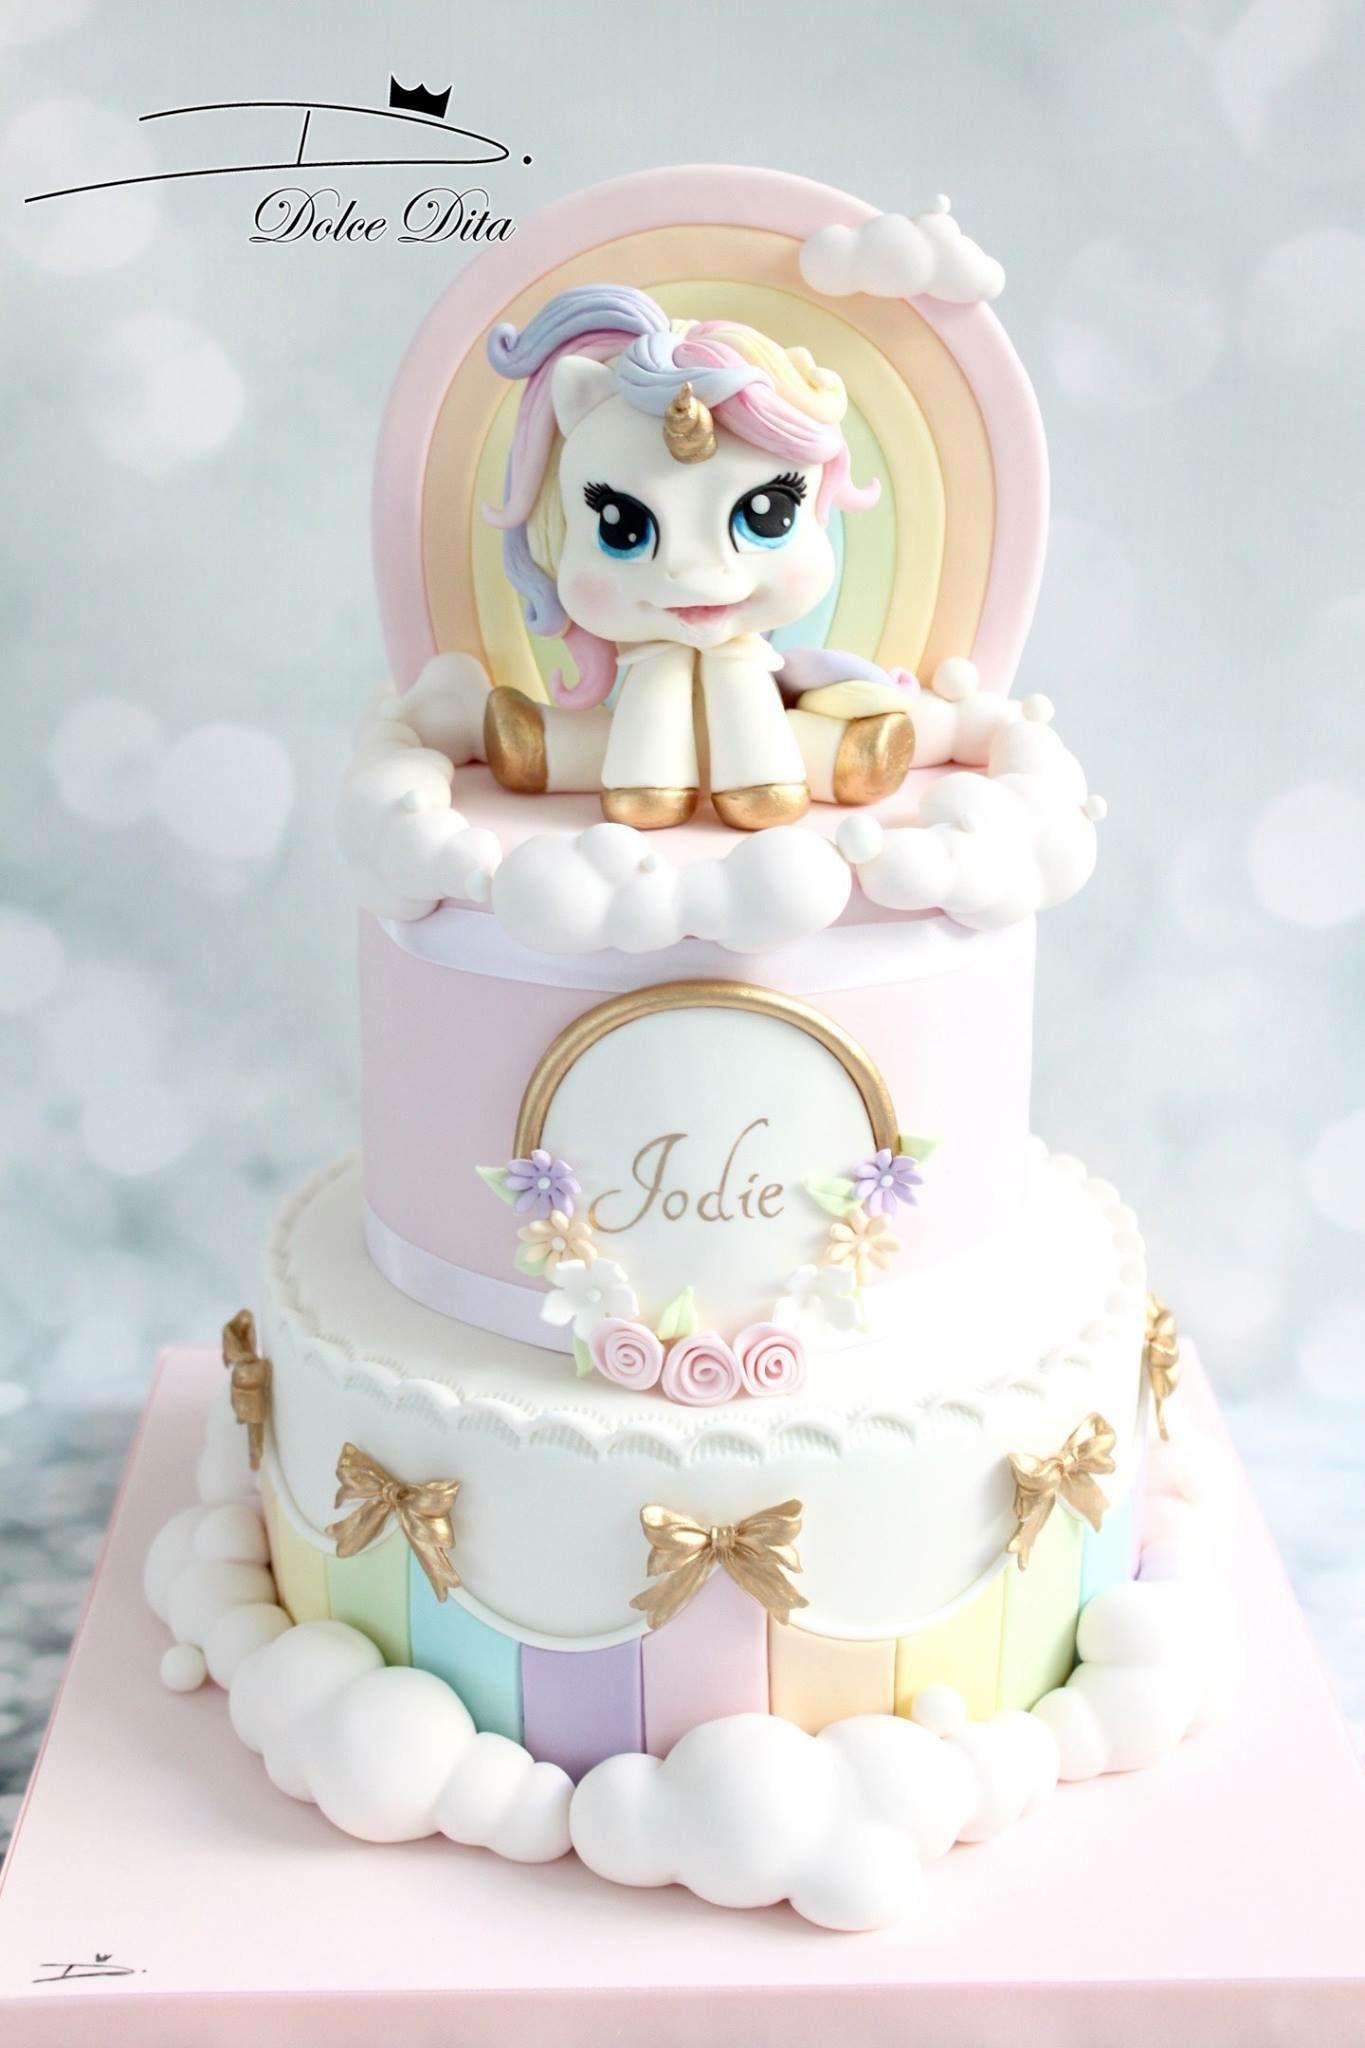 Pretty Unicorn Cake For Kid S Birthday Party Baby Shower 1st Birthday Unicorn Magic Rainbow Birthdayidea Unico Unicorn Birthday Cake Pony Cake Kids Cake